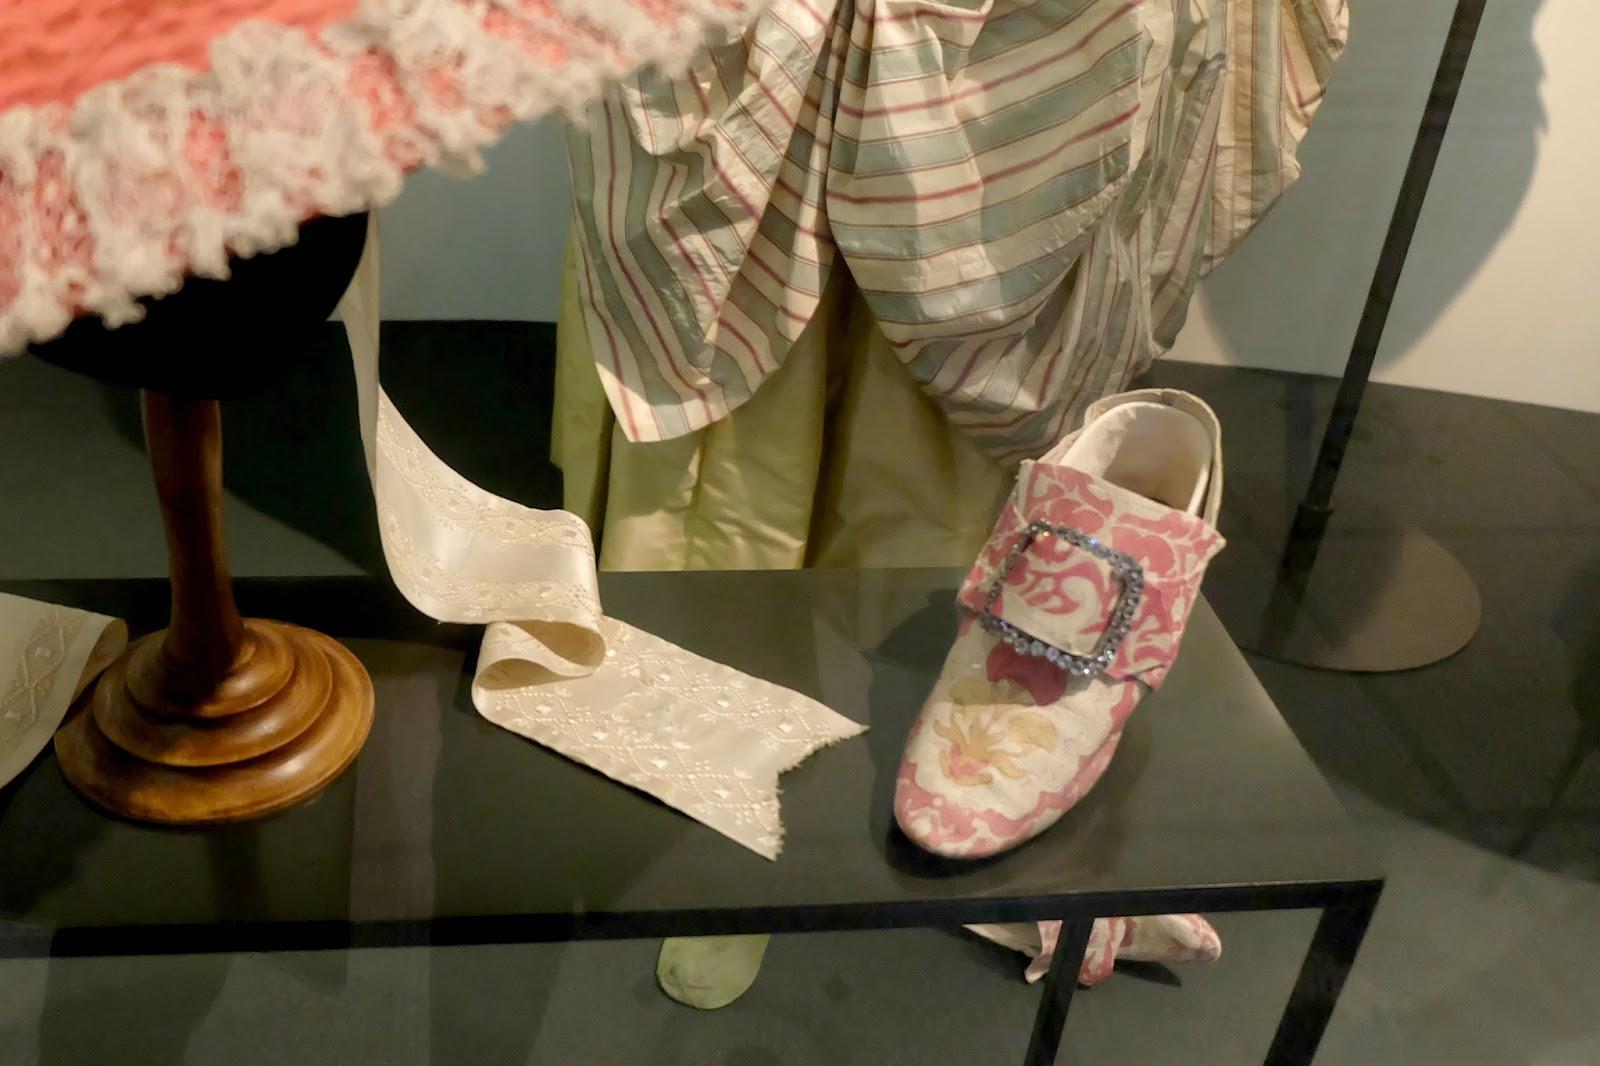 v&a museum shoe